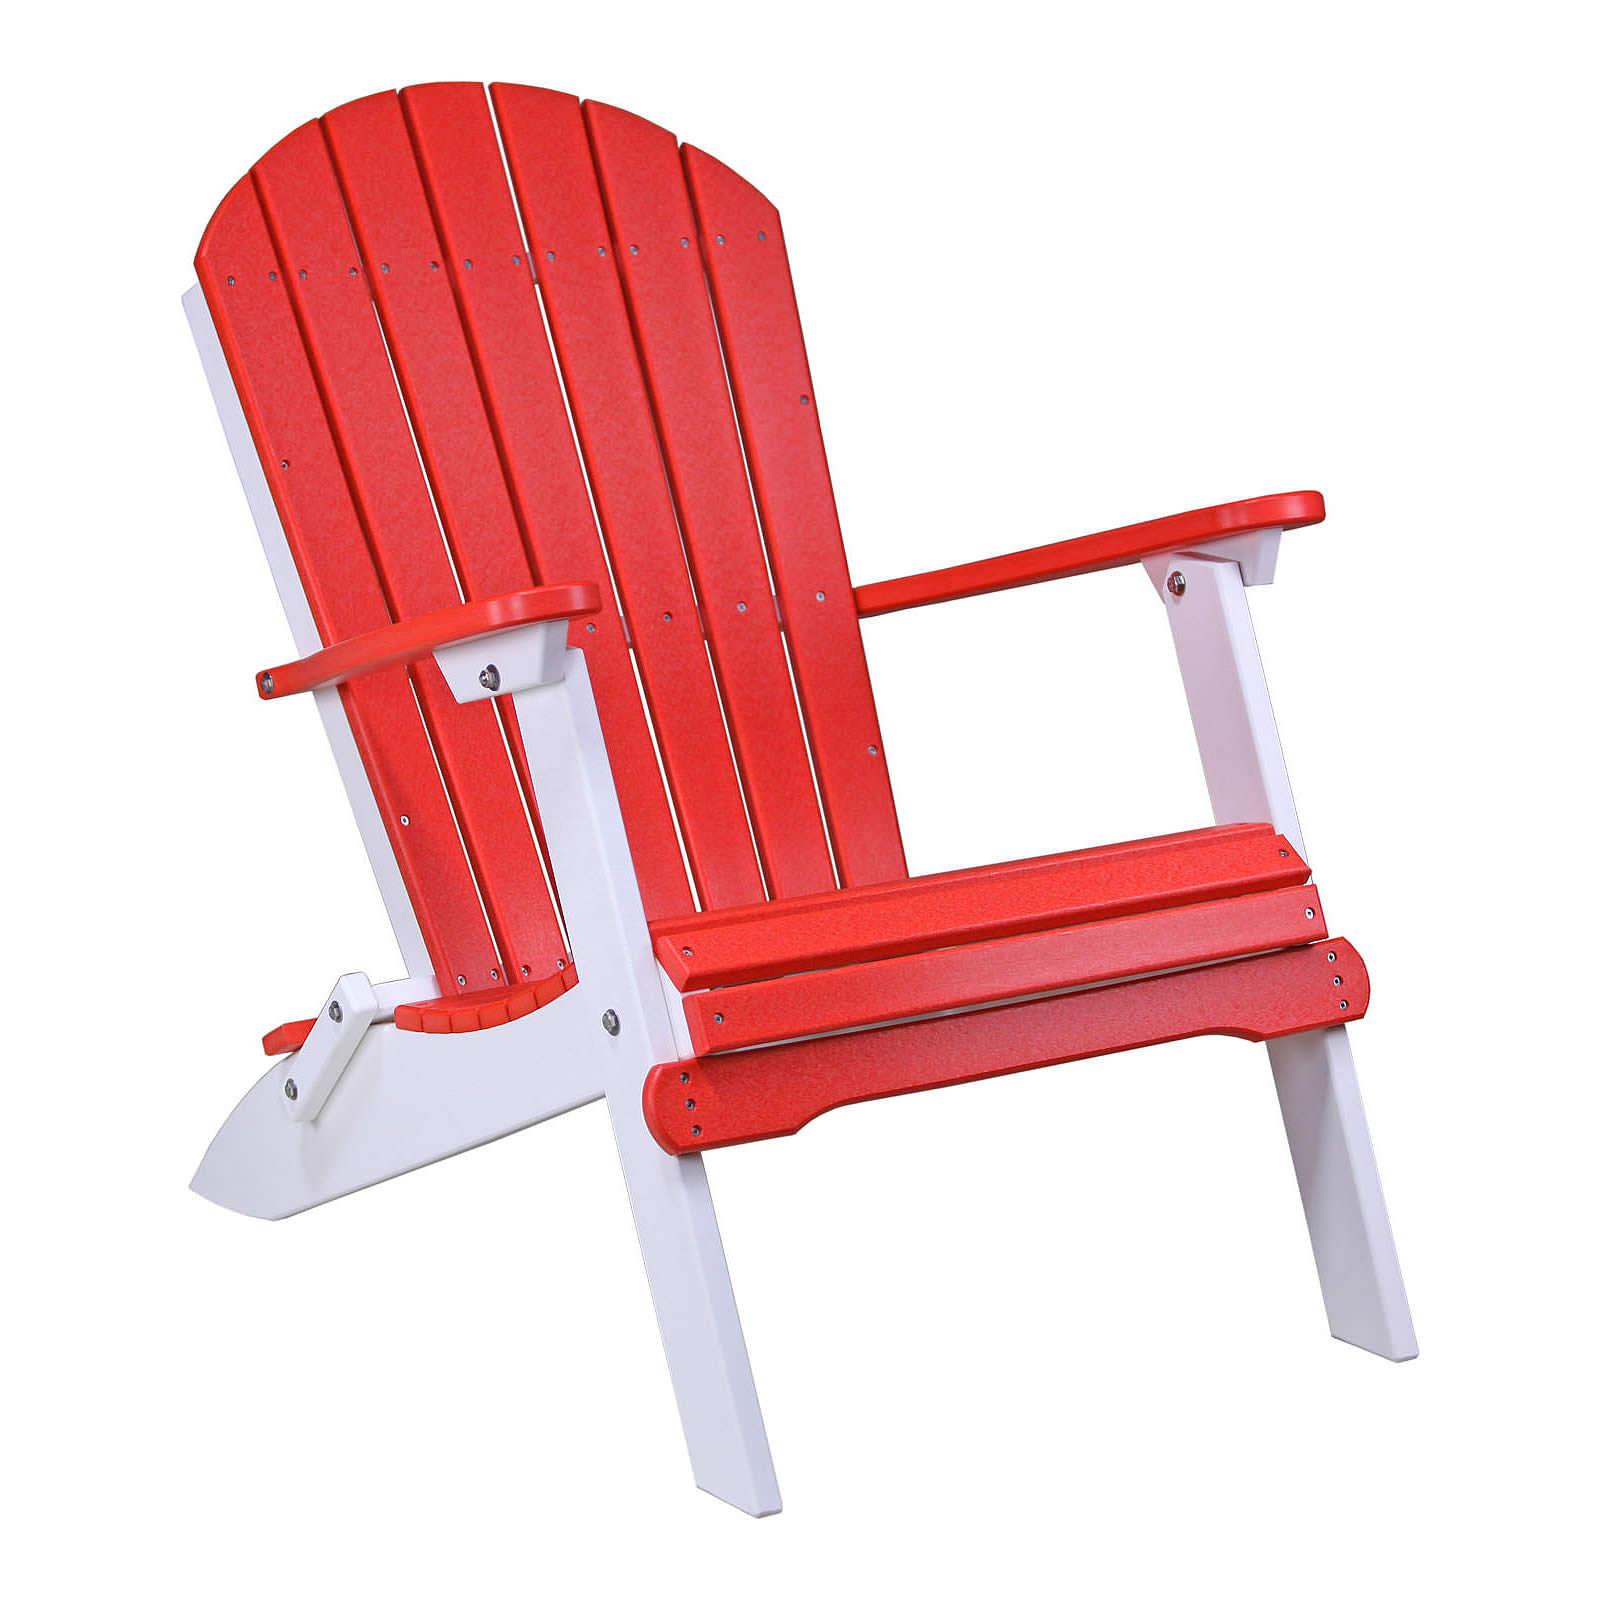 Luxcraft Crestville Folding Adirondack Chair Luxcraft